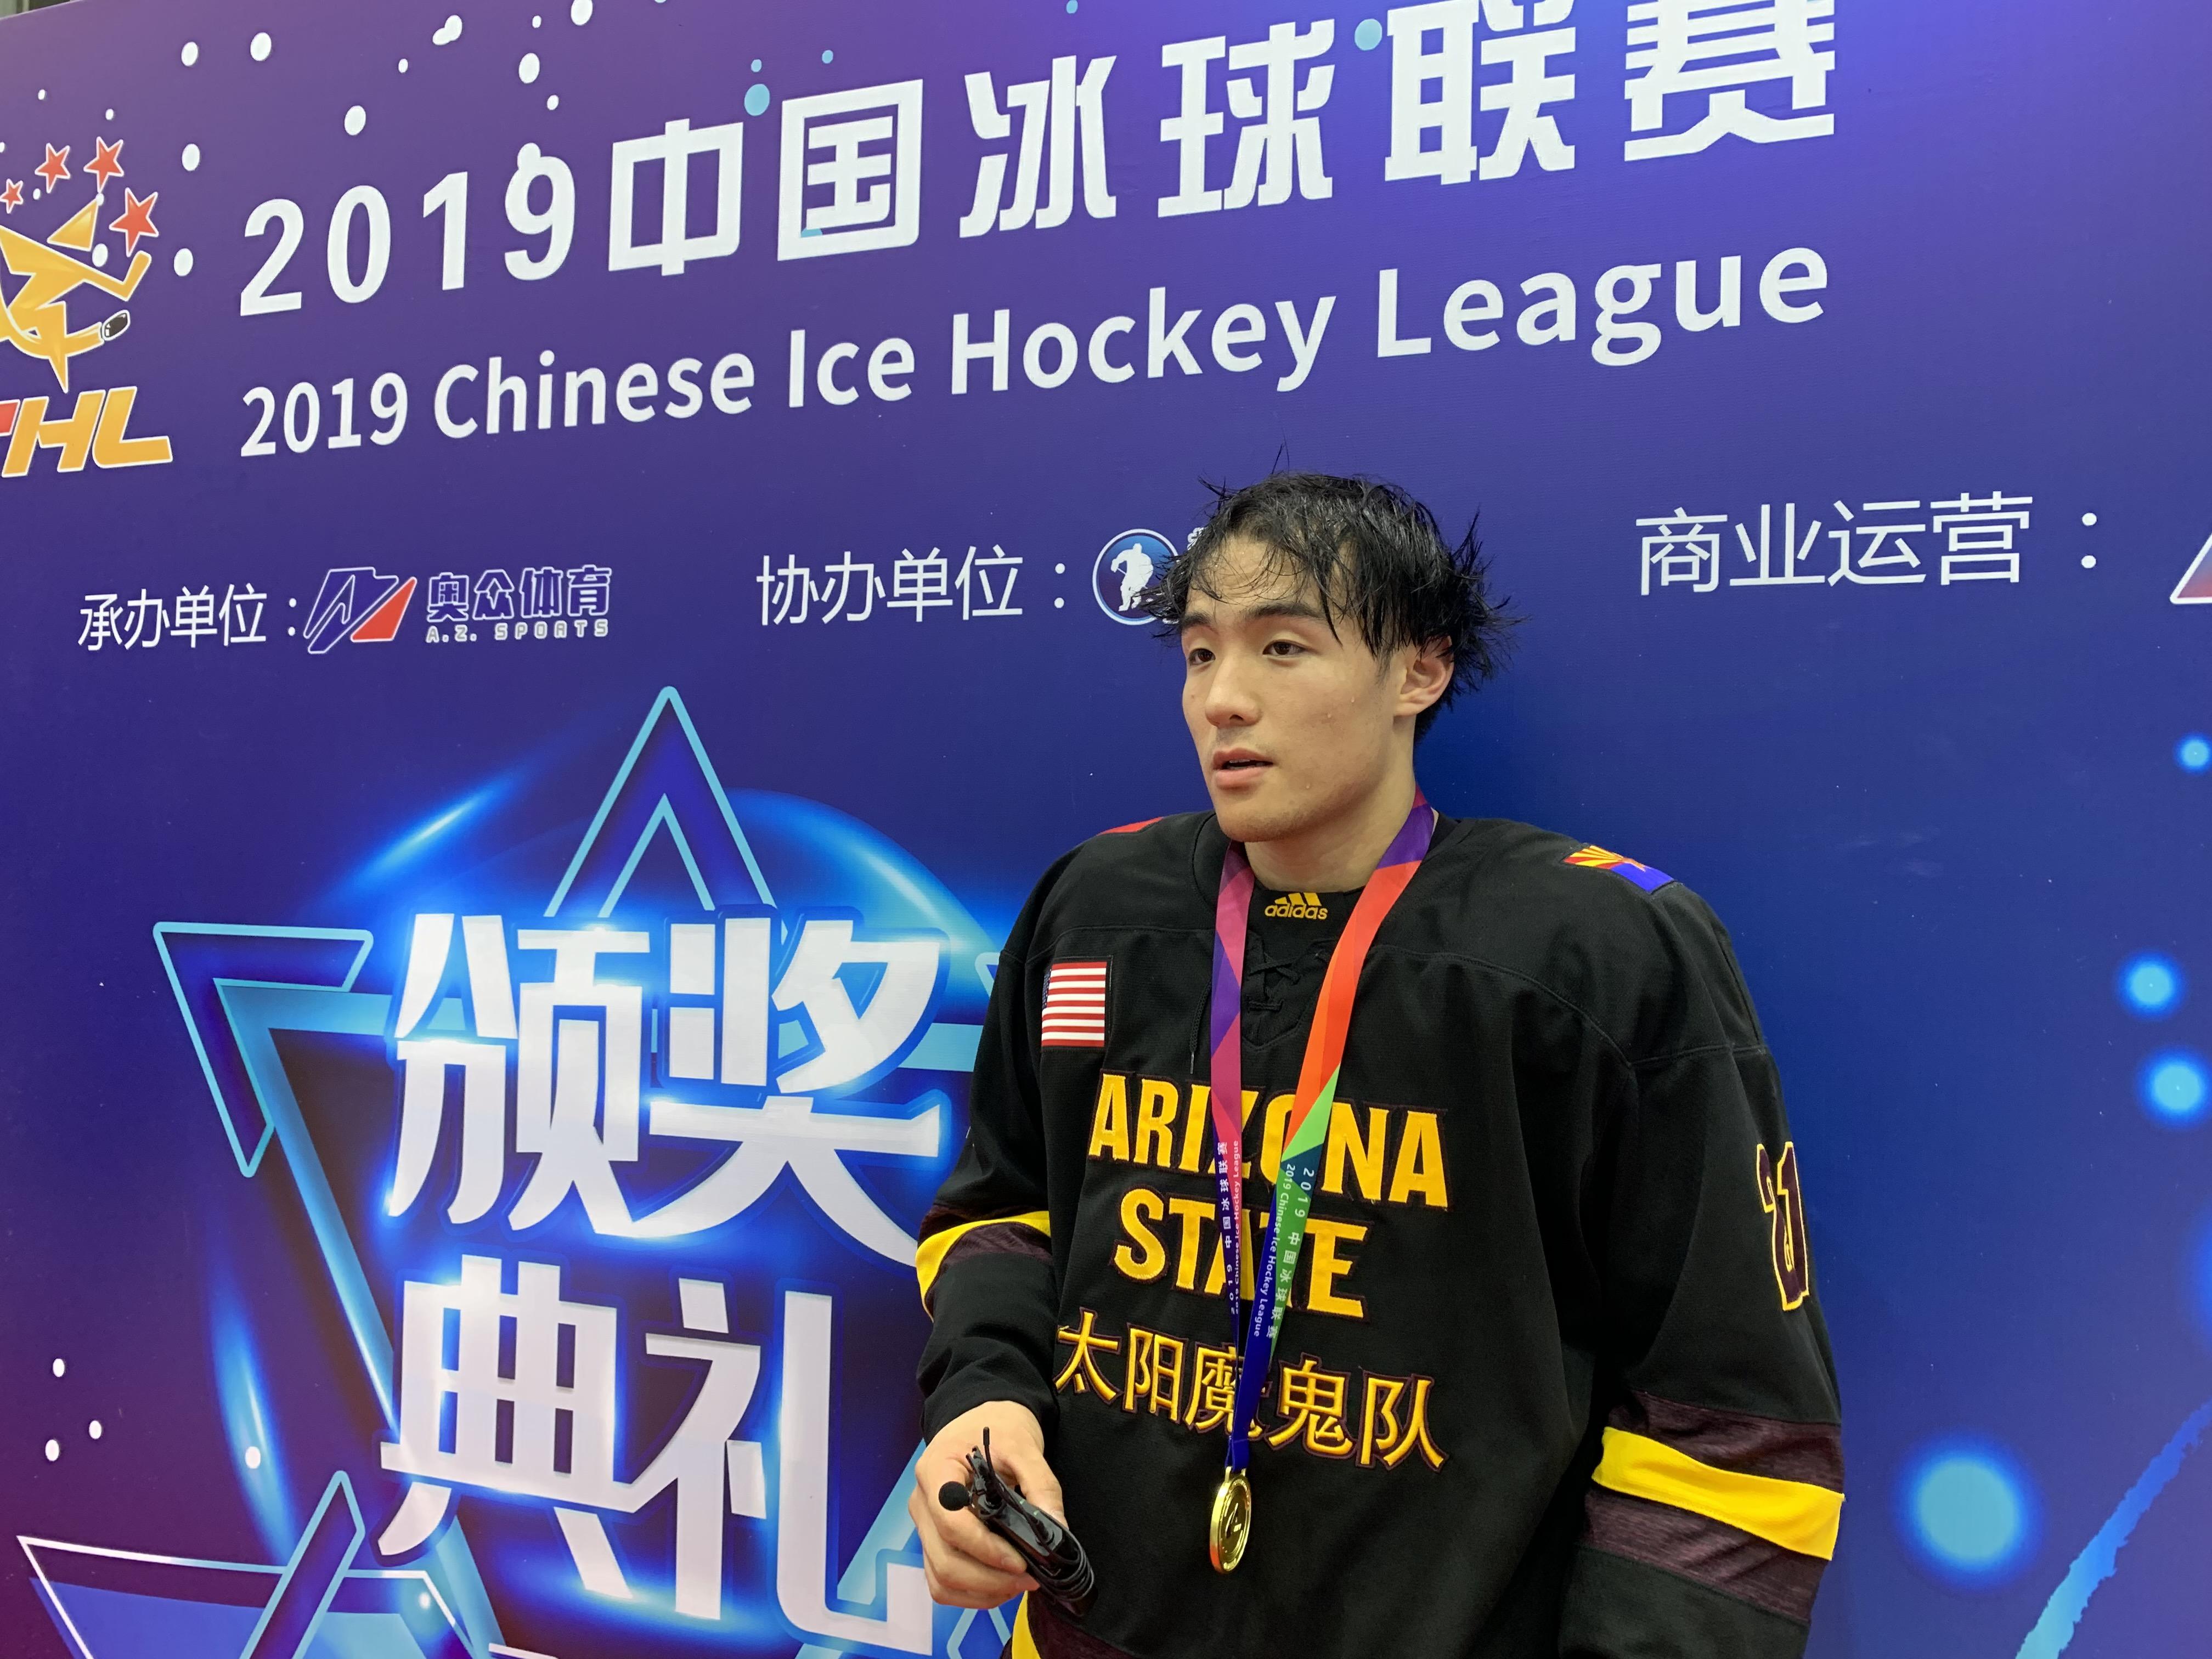 北京小伙钟暐回乡捧杯,盼为国站上奥运冰球场